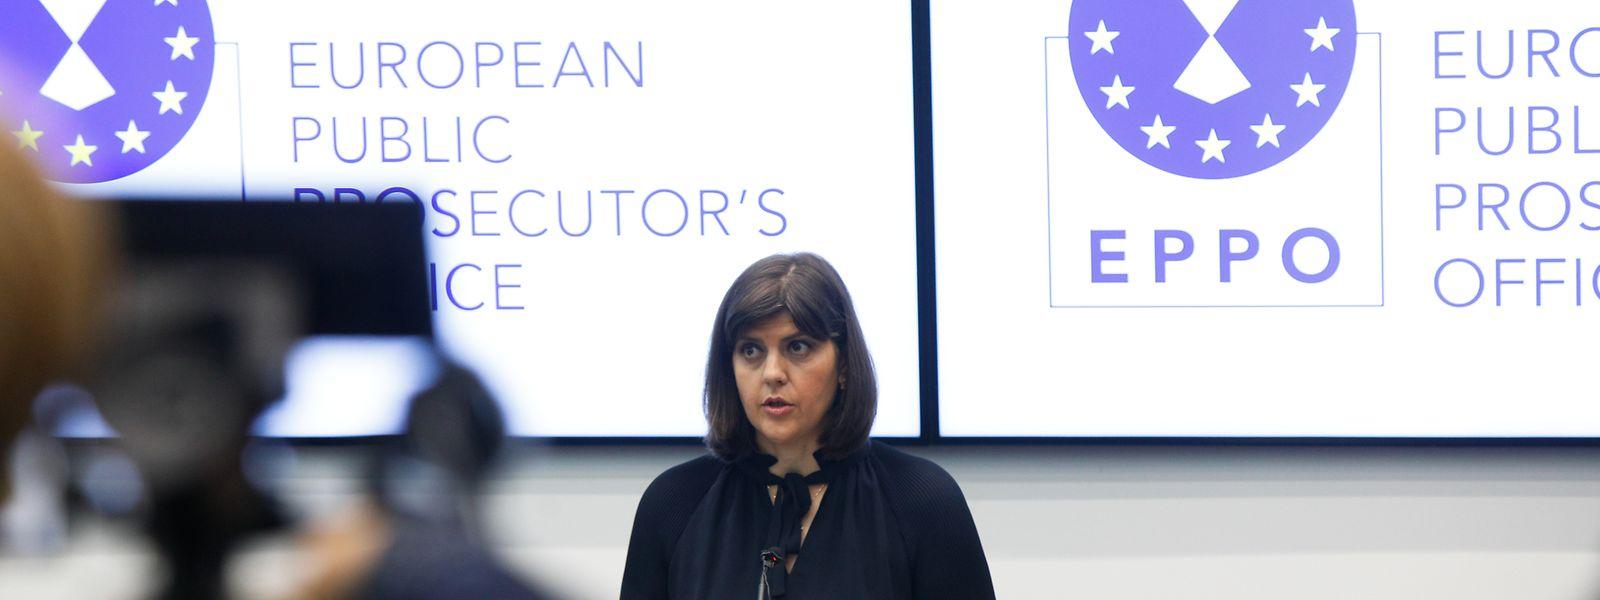 Laura Codruta Kövesi, première procureure générale du parquet européen, lors de l'inauguration officielle, le 1er juin dernier.